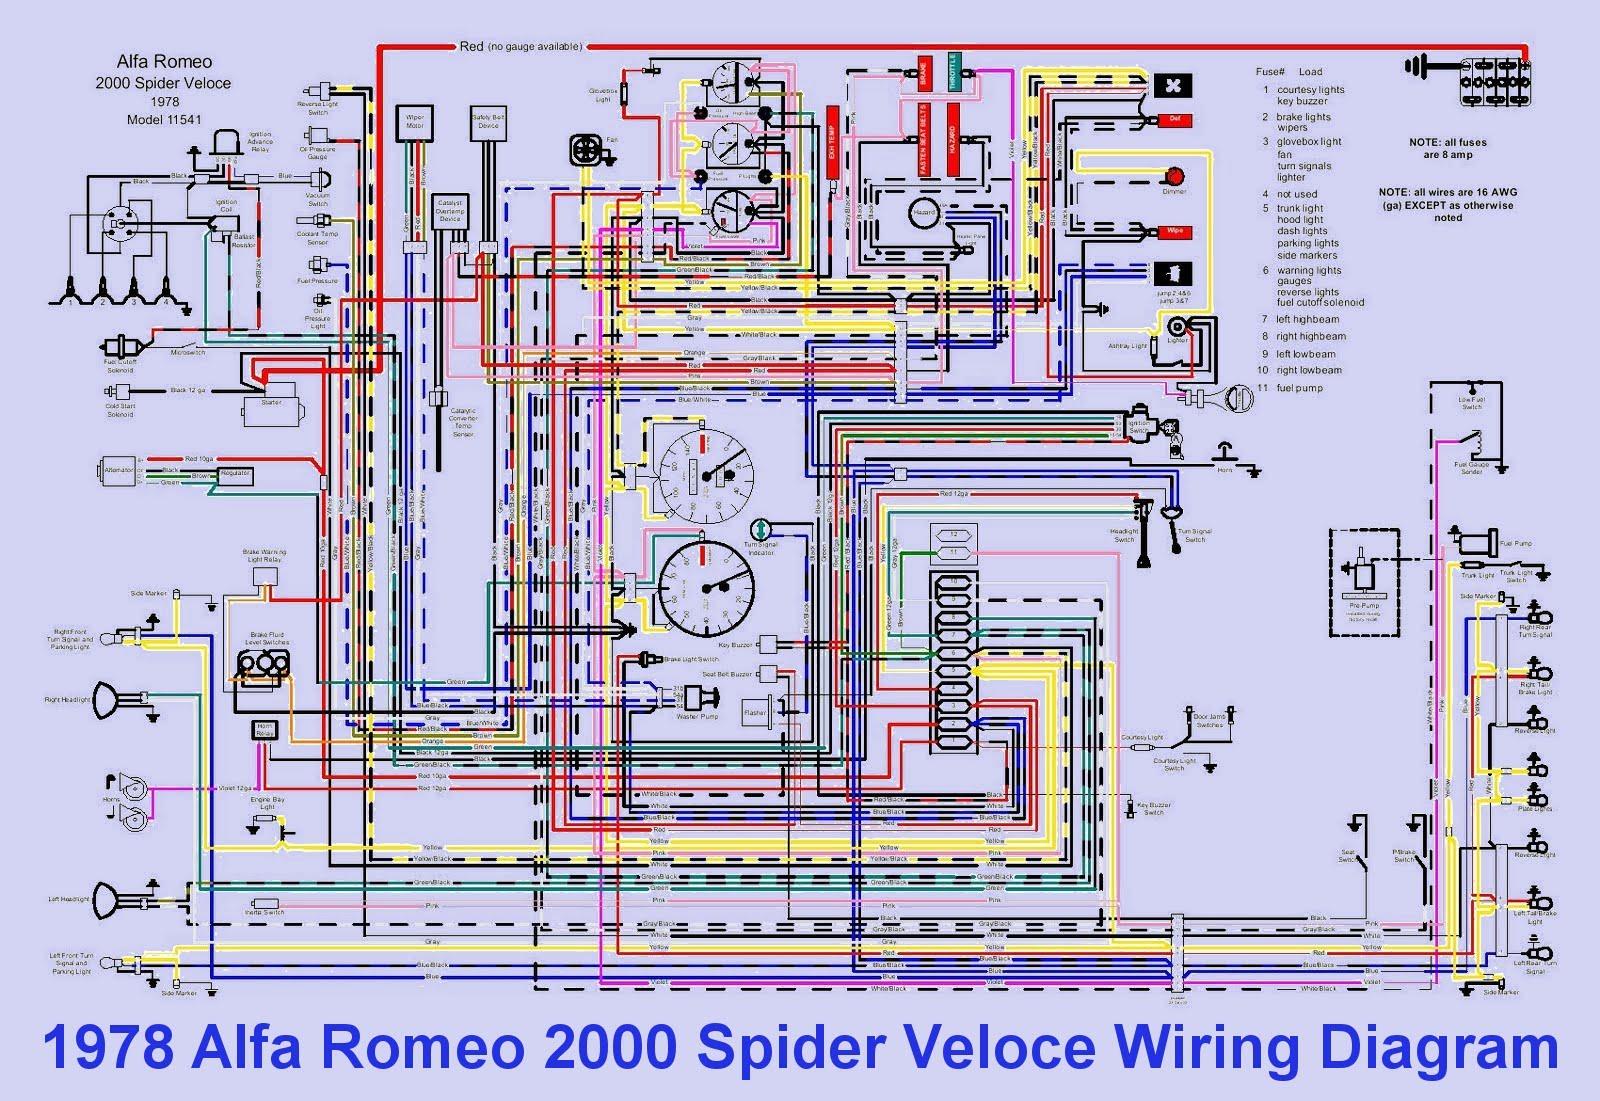 medium resolution of wiring diagram alfa romeo spider wiring diagram 1960 rolls royce wiring diagram 1960 rolls royce wiring diagram